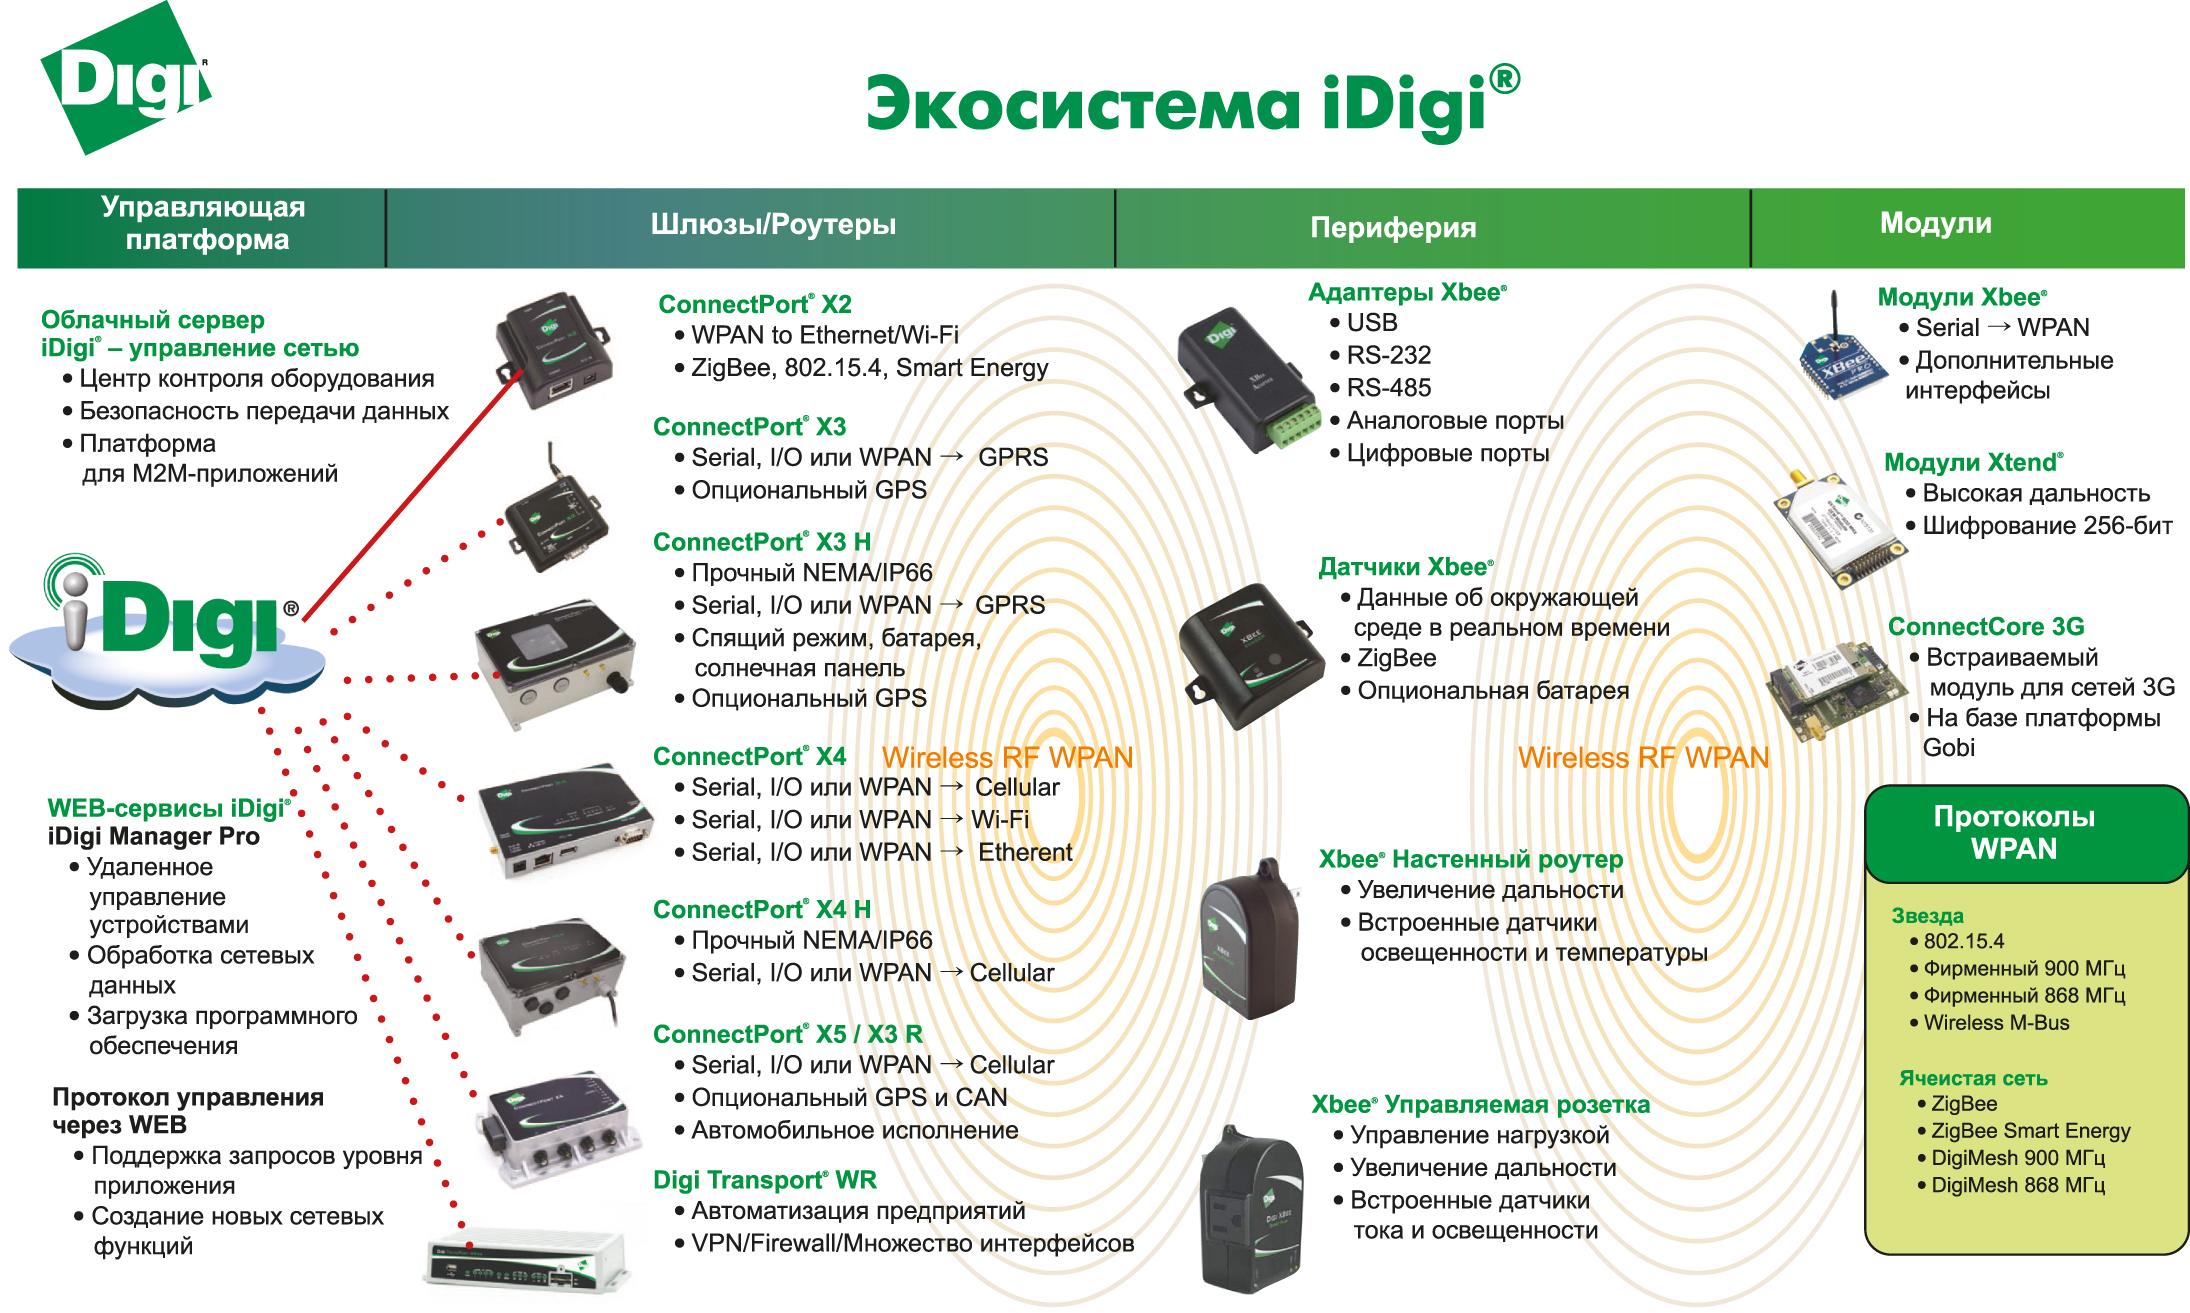 Устройства, которые можно подключить к «облачному» серверу iDigi